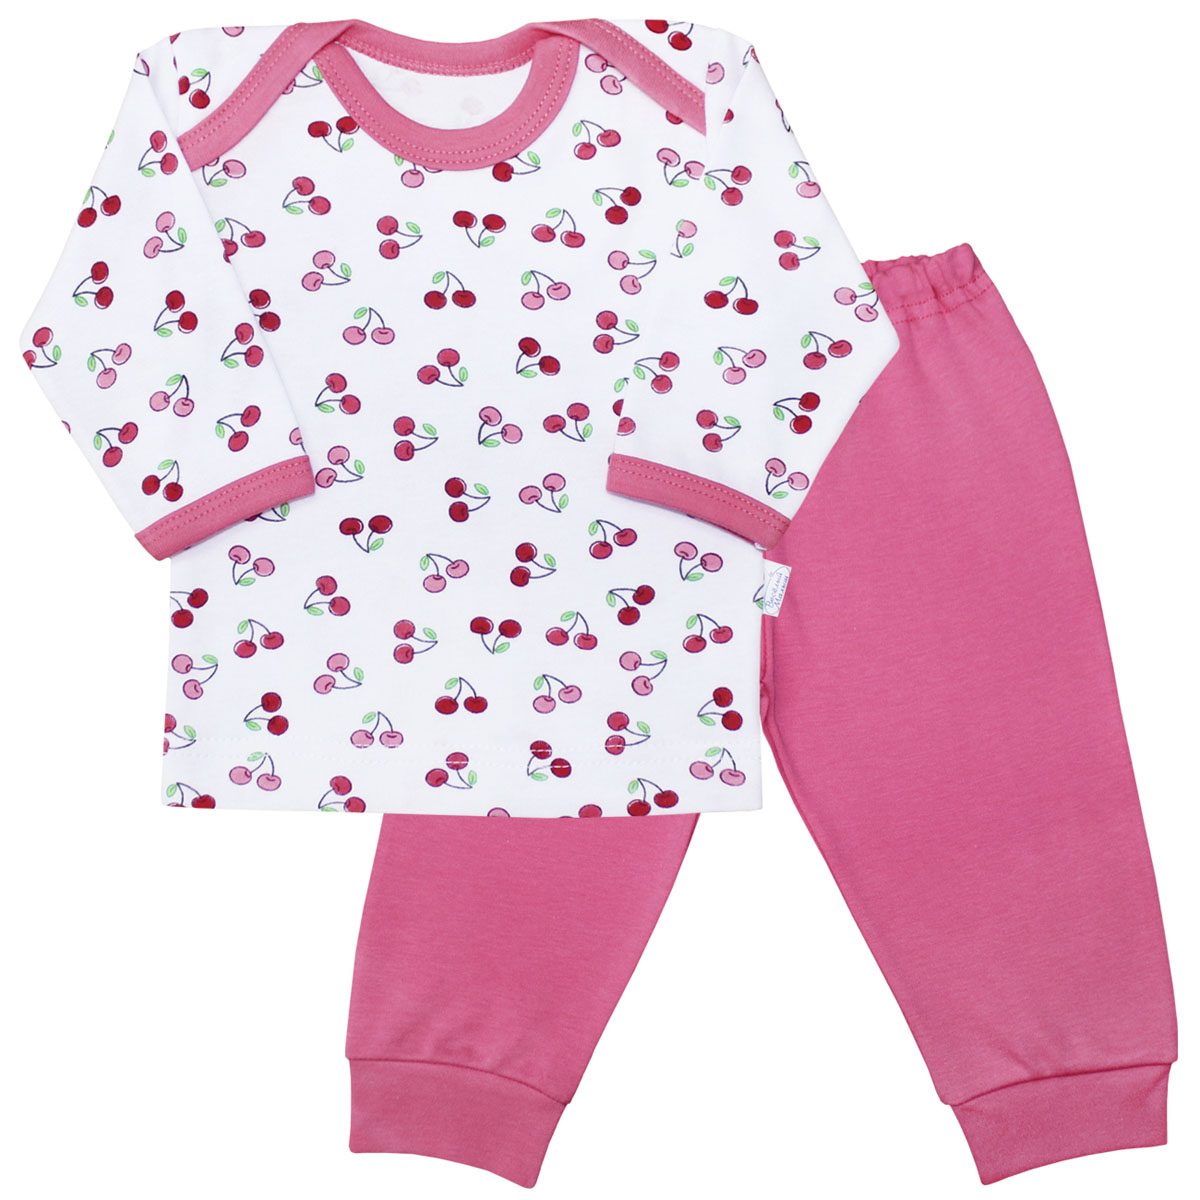 Пижама для девочки Веселый малыш Спелая вишня, цвет: розовый. 623332/св-C (1). Размер 68 комбинезон домашний для девочки веселый малыш спелая вишня цвет розовый 51322 св набивка размер 62